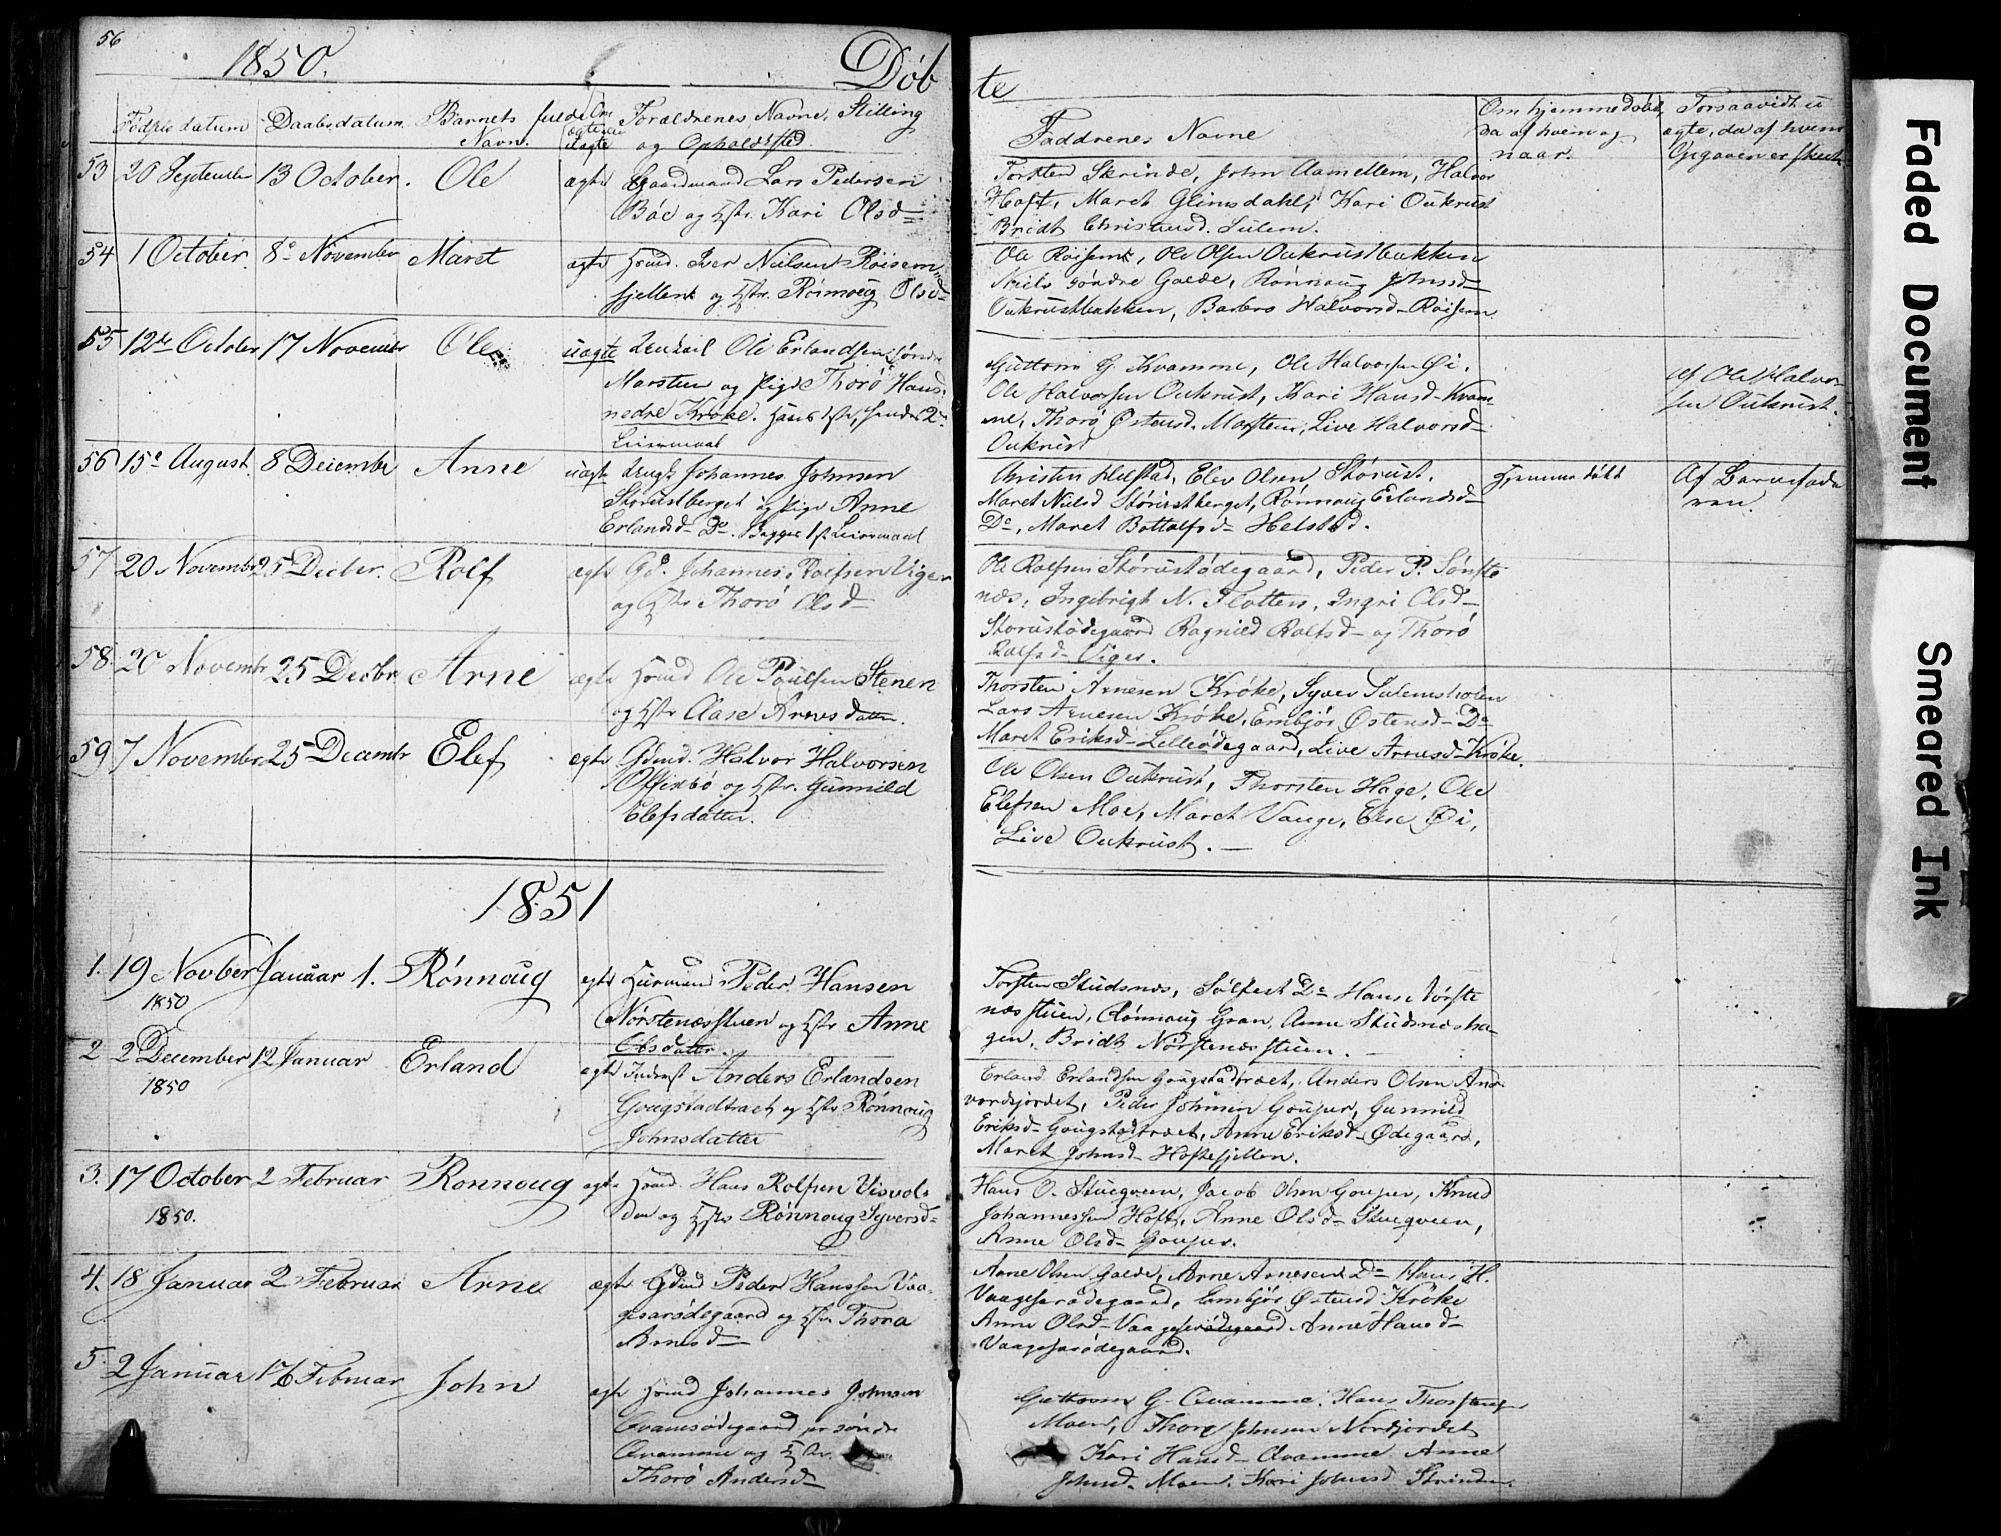 SAH, Lom prestekontor, L/L0012: Klokkerbok nr. 12, 1845-1873, s. 56-57